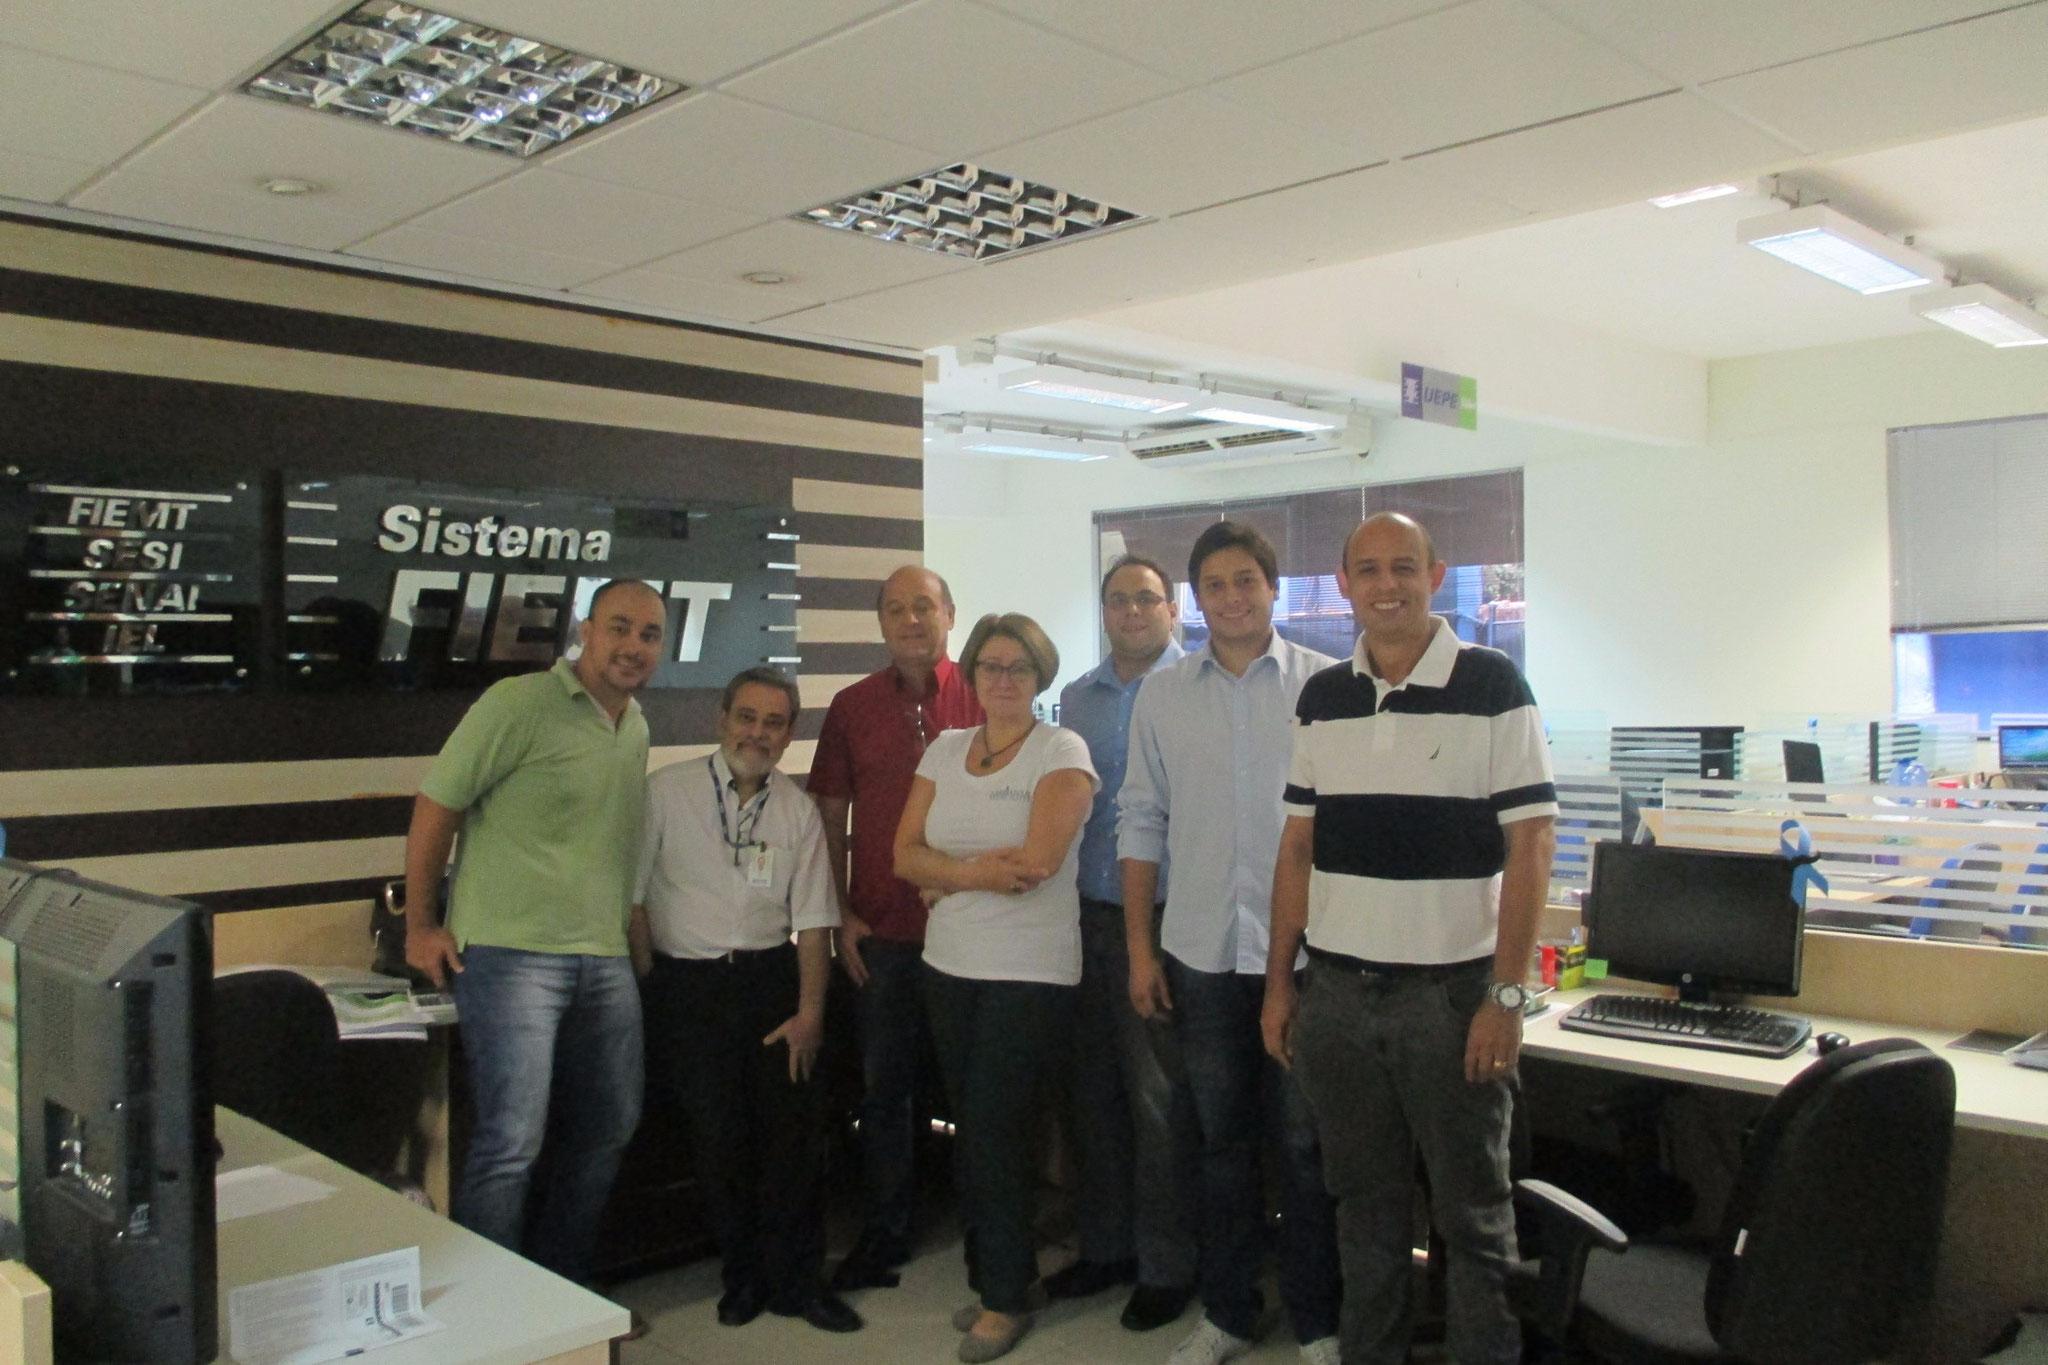 Visiting SENAI and FIEMT- Federação das Indústrias do Mato Grosso in 2015, Cuiaba MT, Brazil.